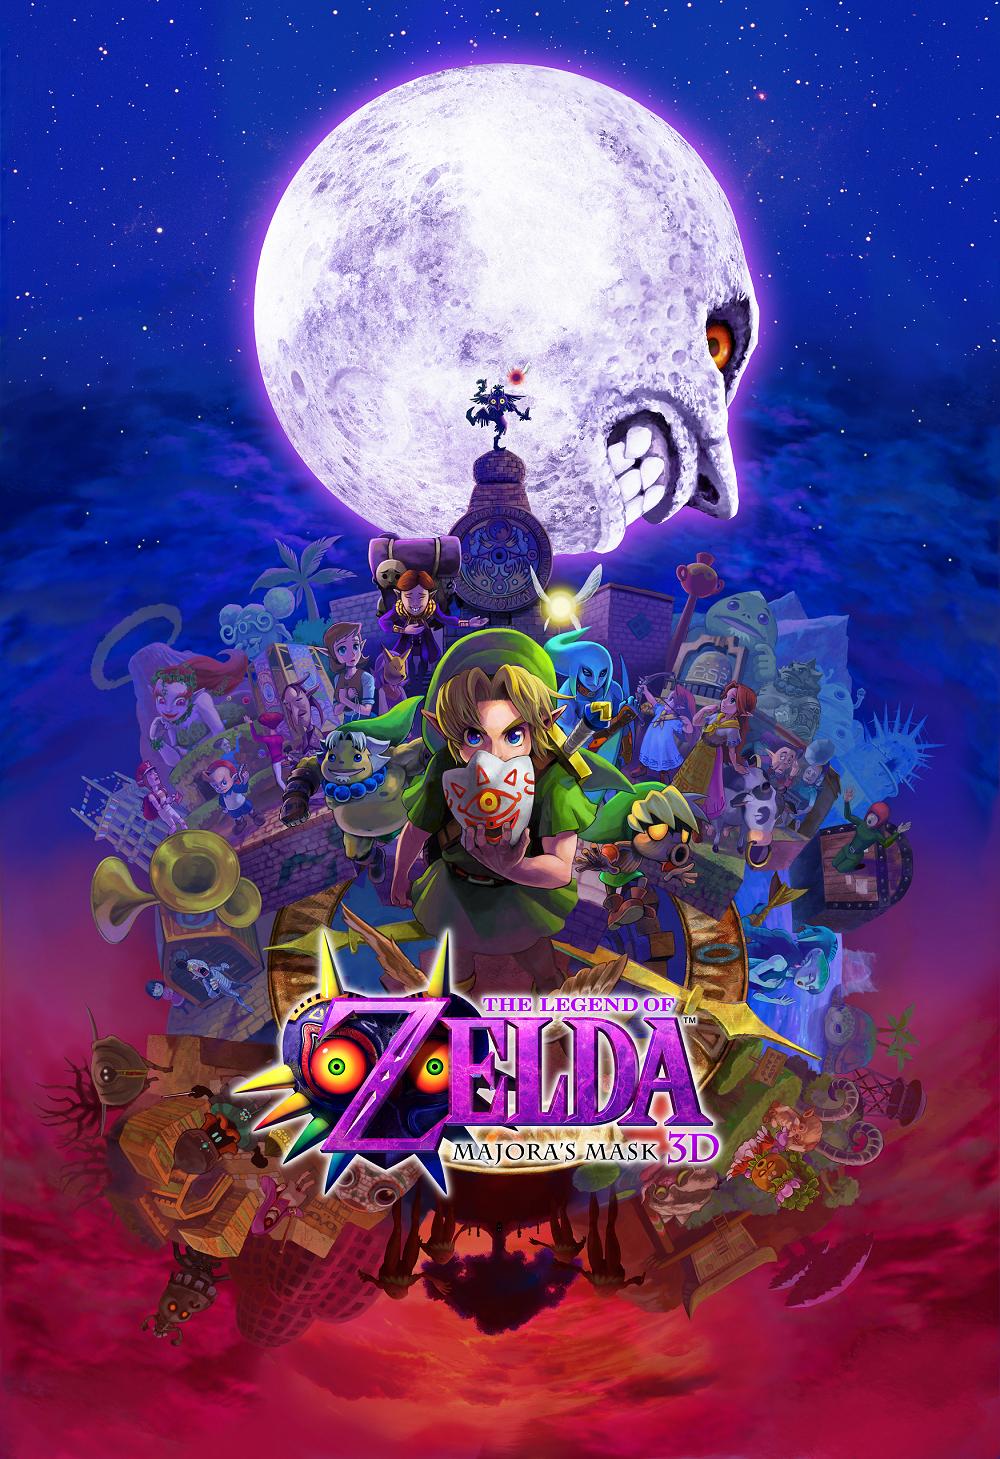 Zelda Majoras Mask 3ds Walkthrough Pdf